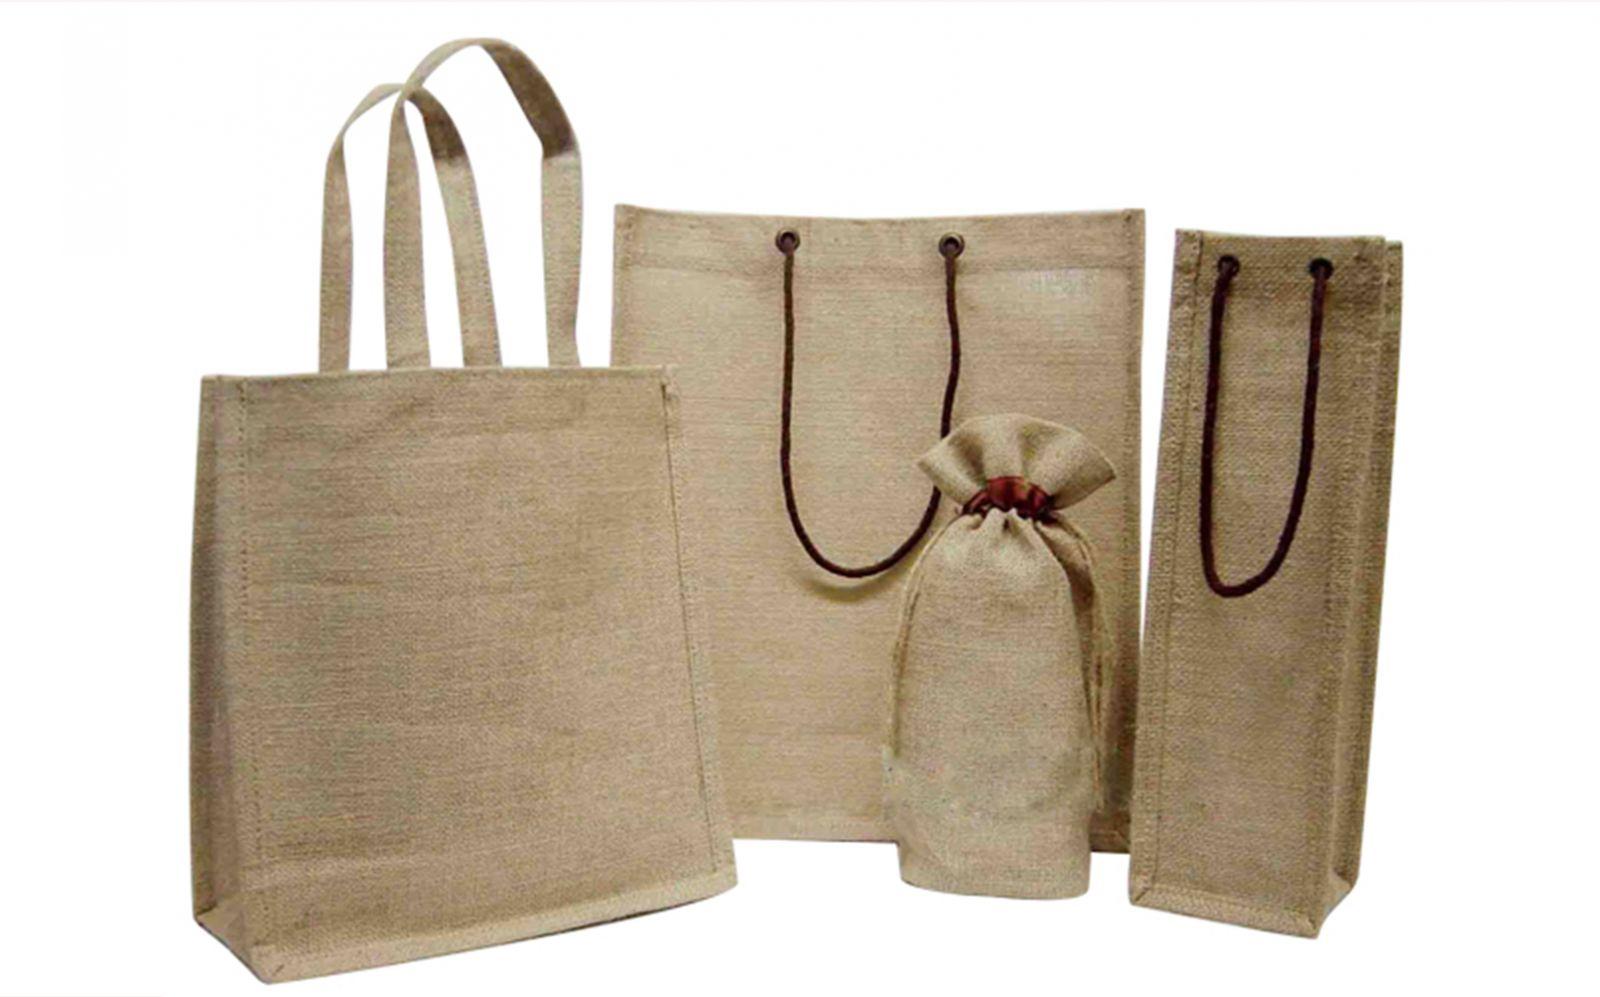 Trí Việt luôn mở rộng thị trường túi vải đay trong nước và xuất khẩu với những chiếc túi vải đay giá rẻ, chất lượng